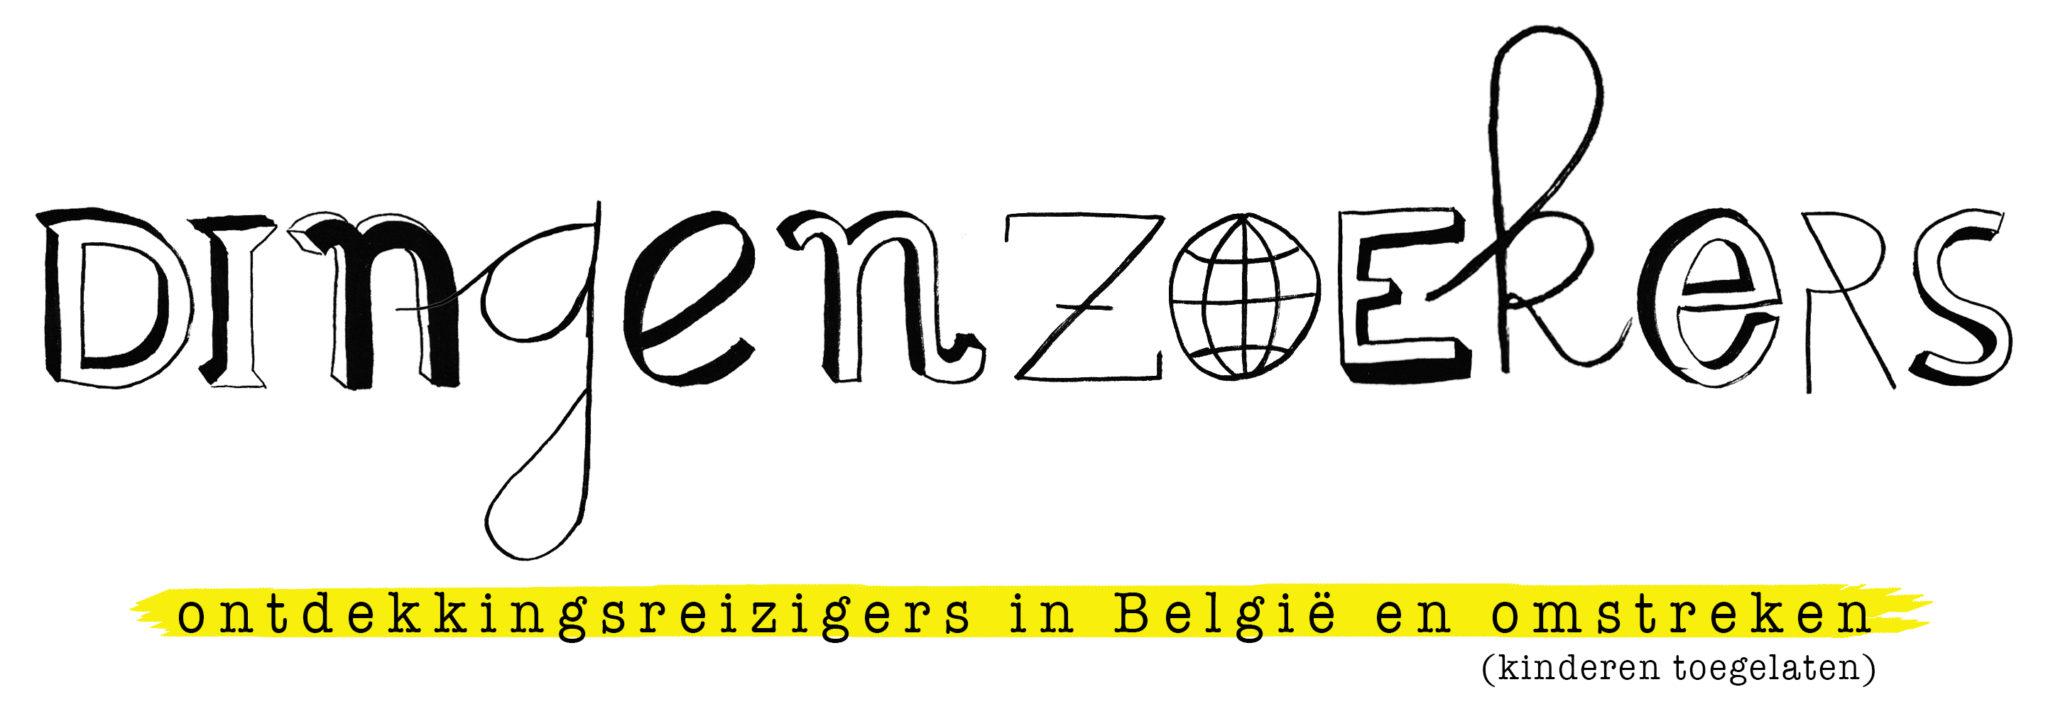 Ontdekkingsreizigers in België en omstreken (kinderen toegelaten)